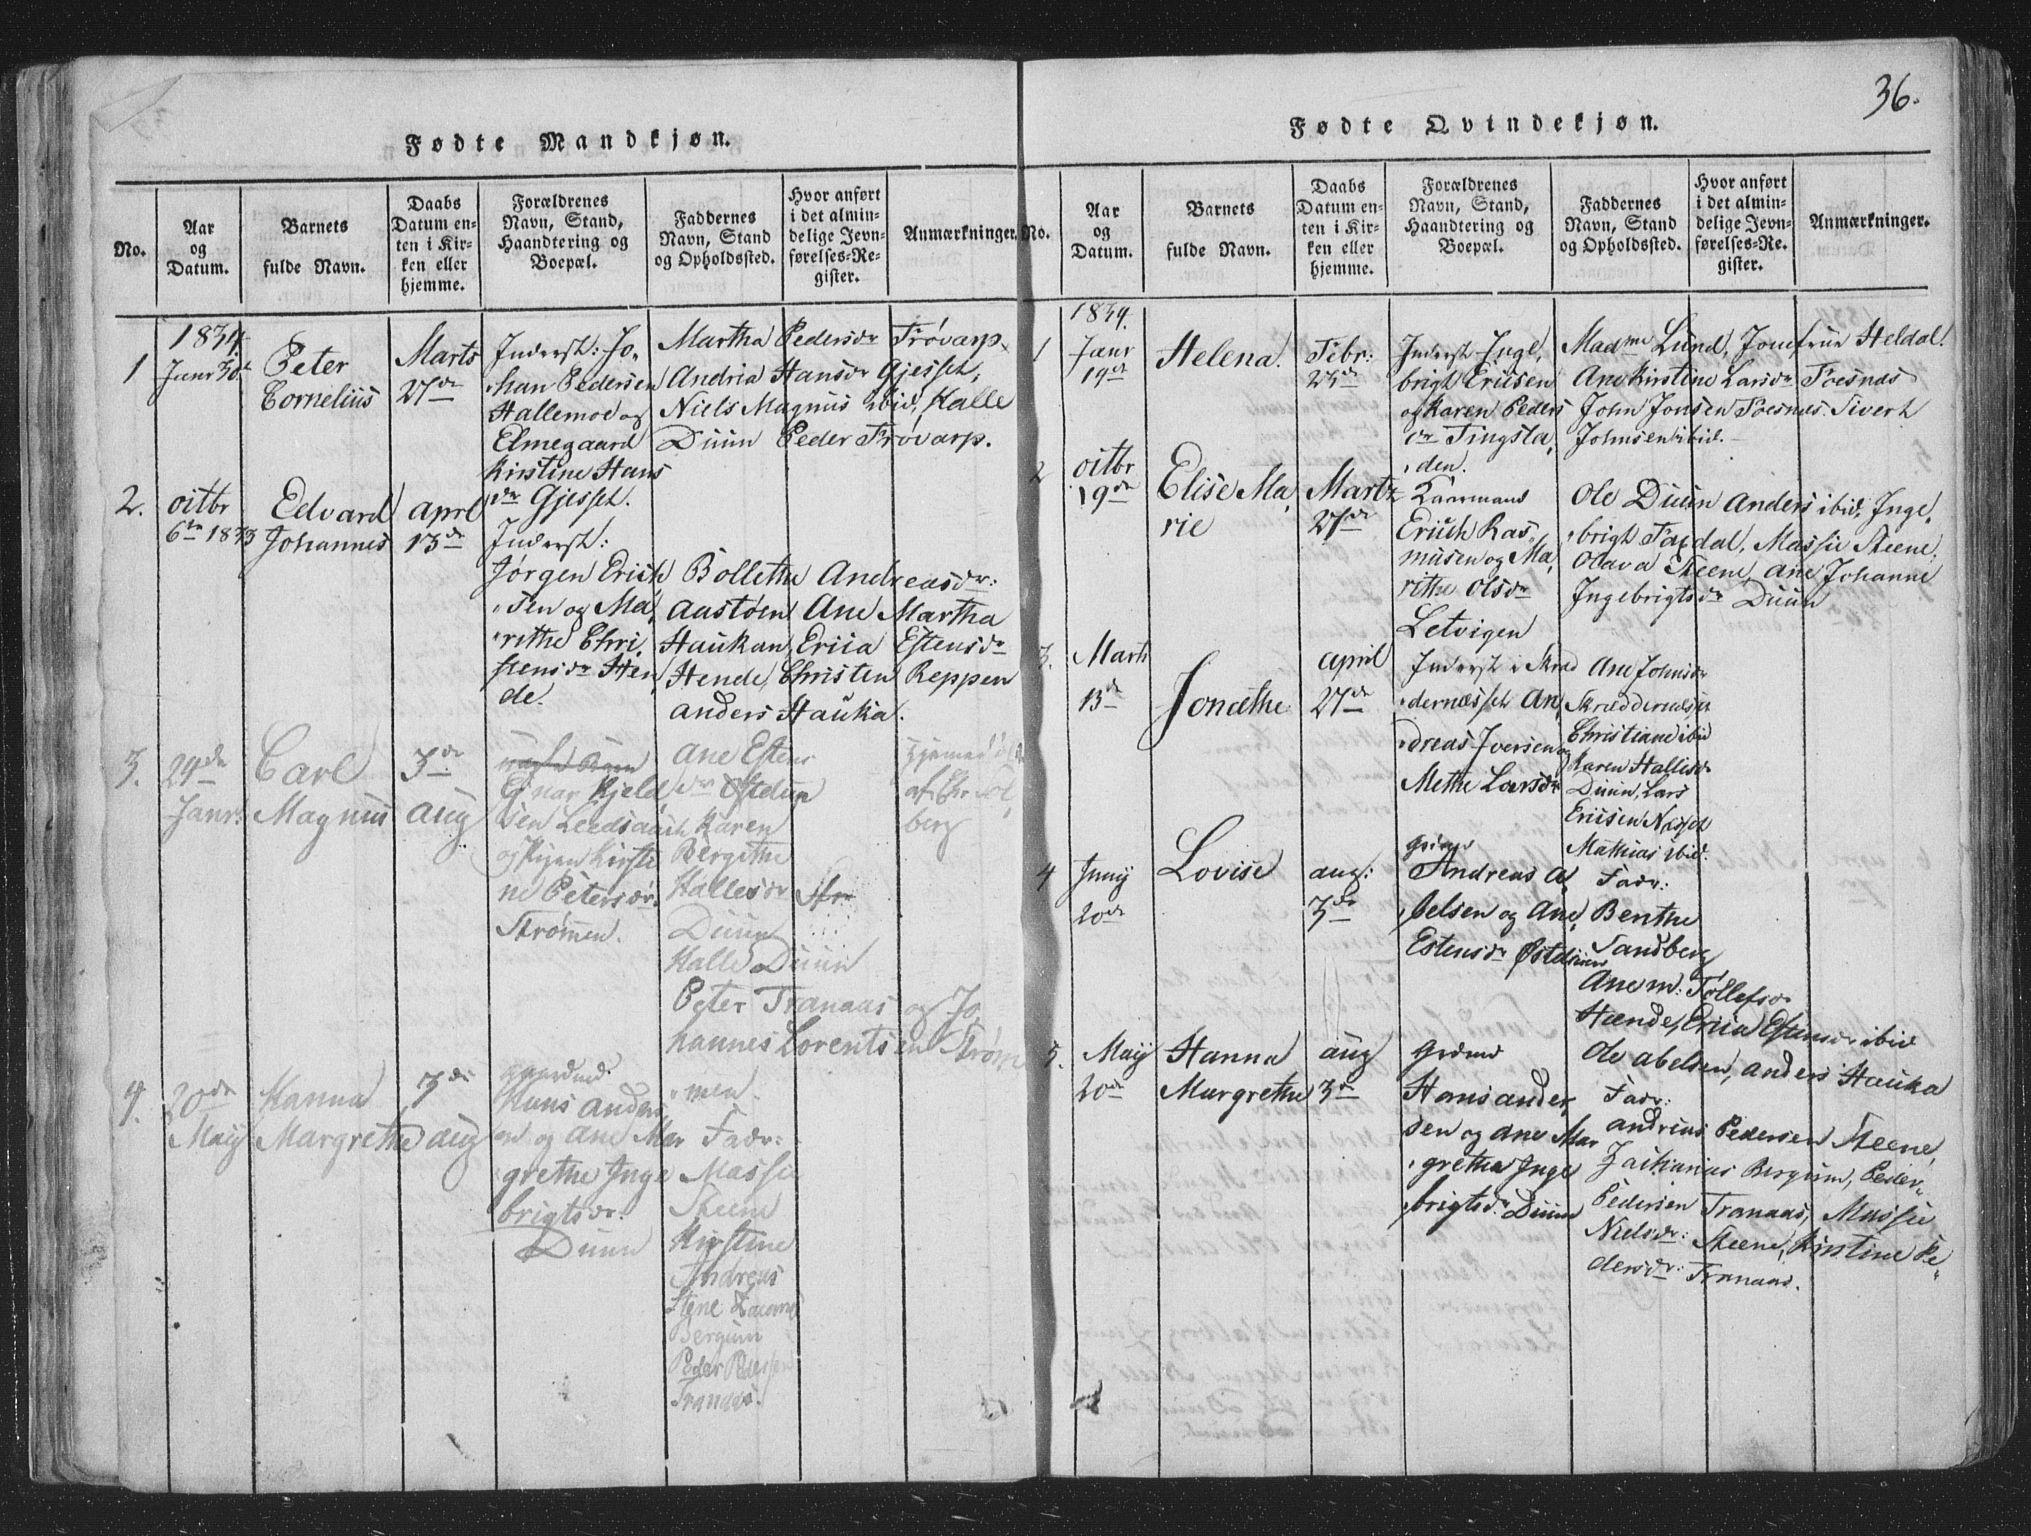 SAT, Ministerialprotokoller, klokkerbøker og fødselsregistre - Nord-Trøndelag, 773/L0613: Ministerialbok nr. 773A04, 1815-1845, s. 36